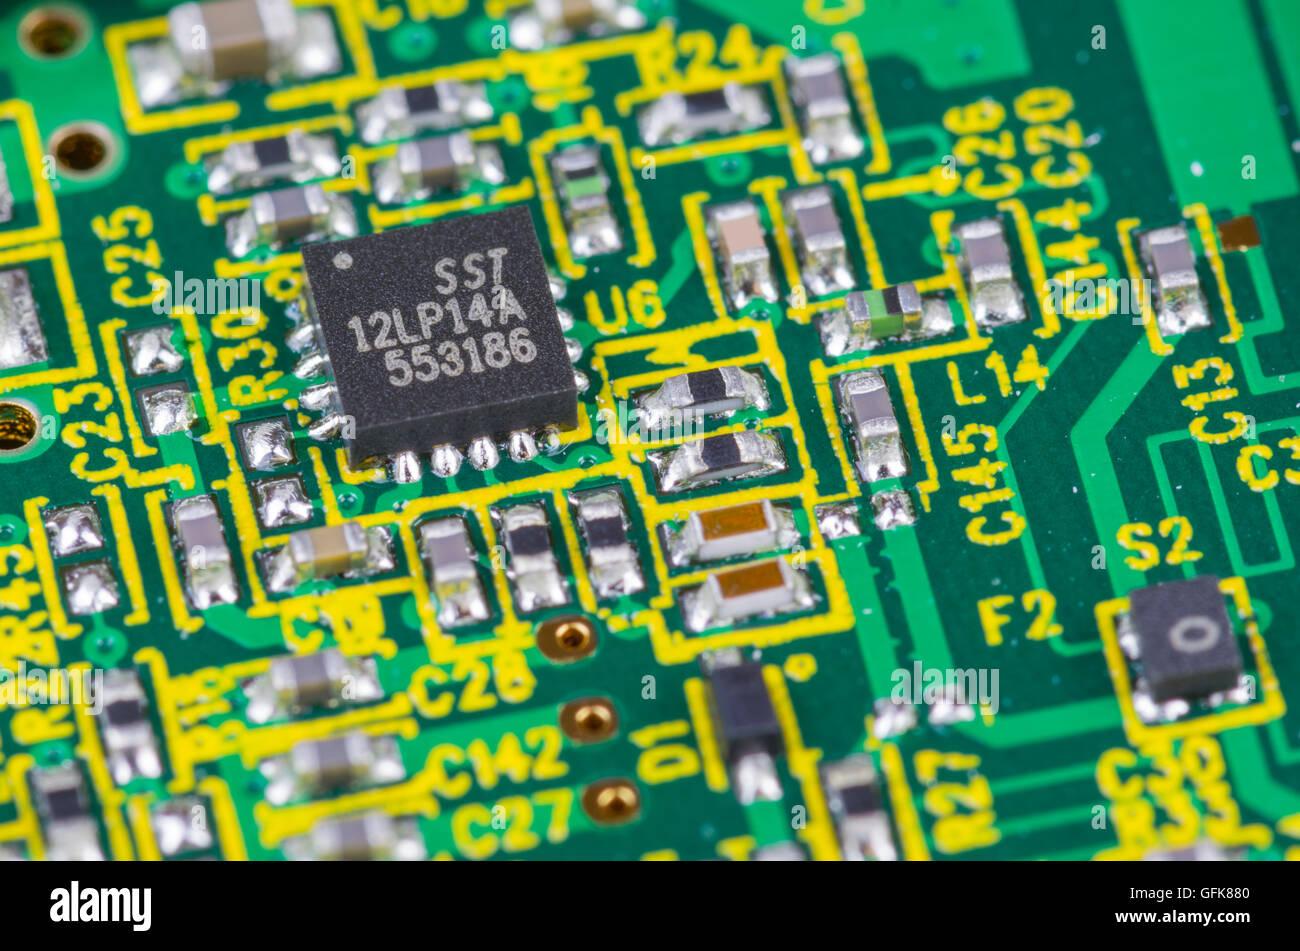 Sst Mikrochips auf eine Elektronik Platine. Stockbild